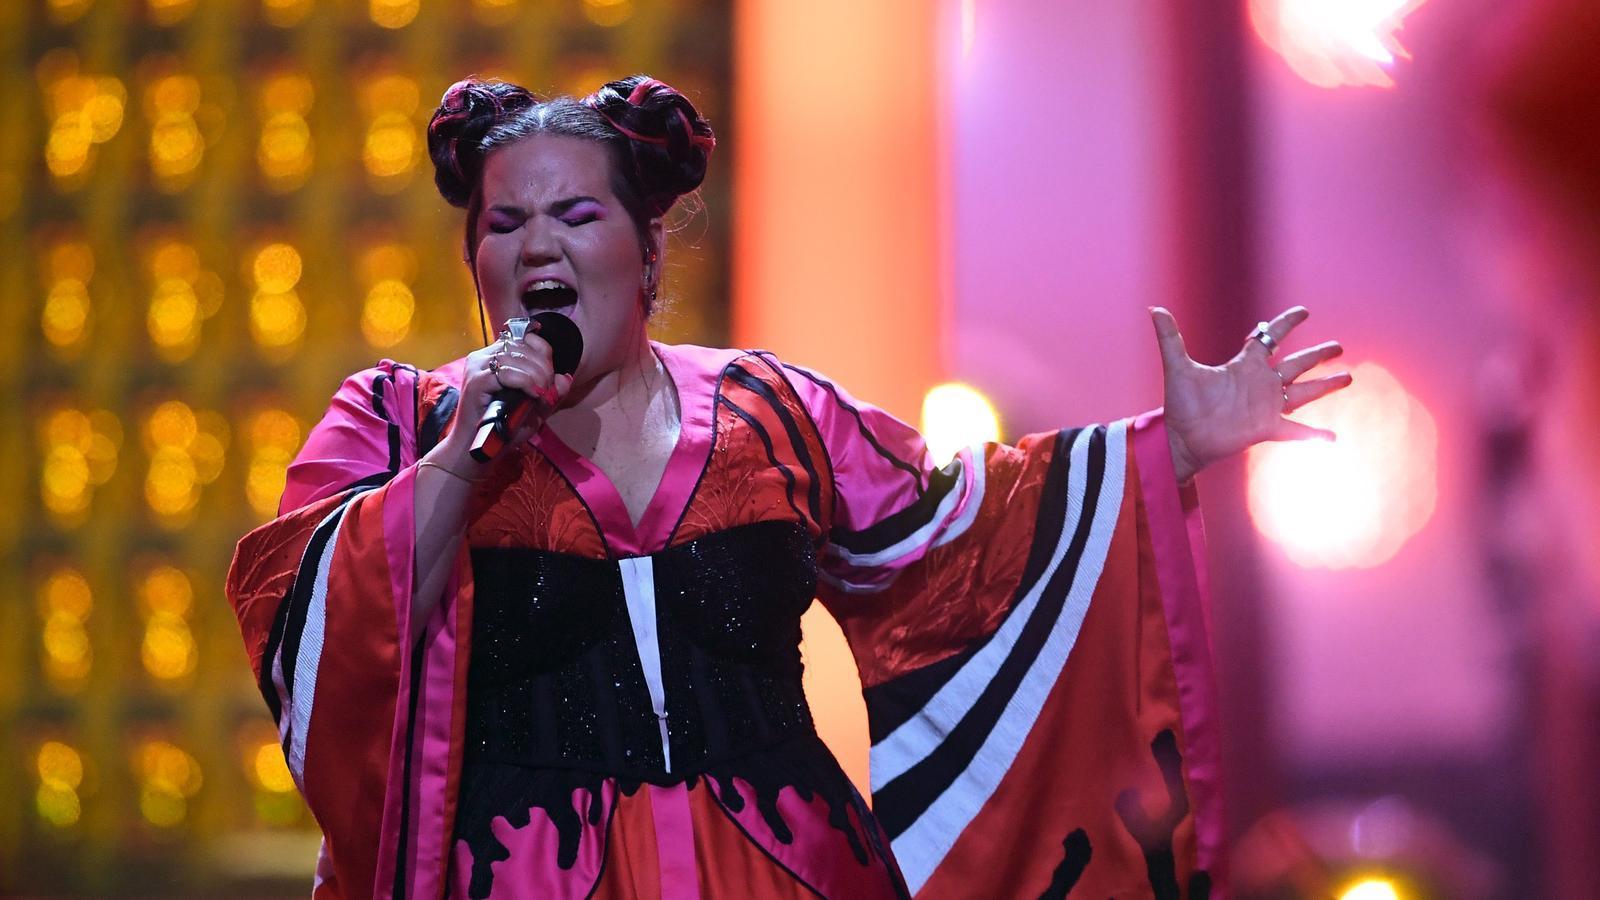 El missatge d'empoderament d'Israel guanya Eurovisió